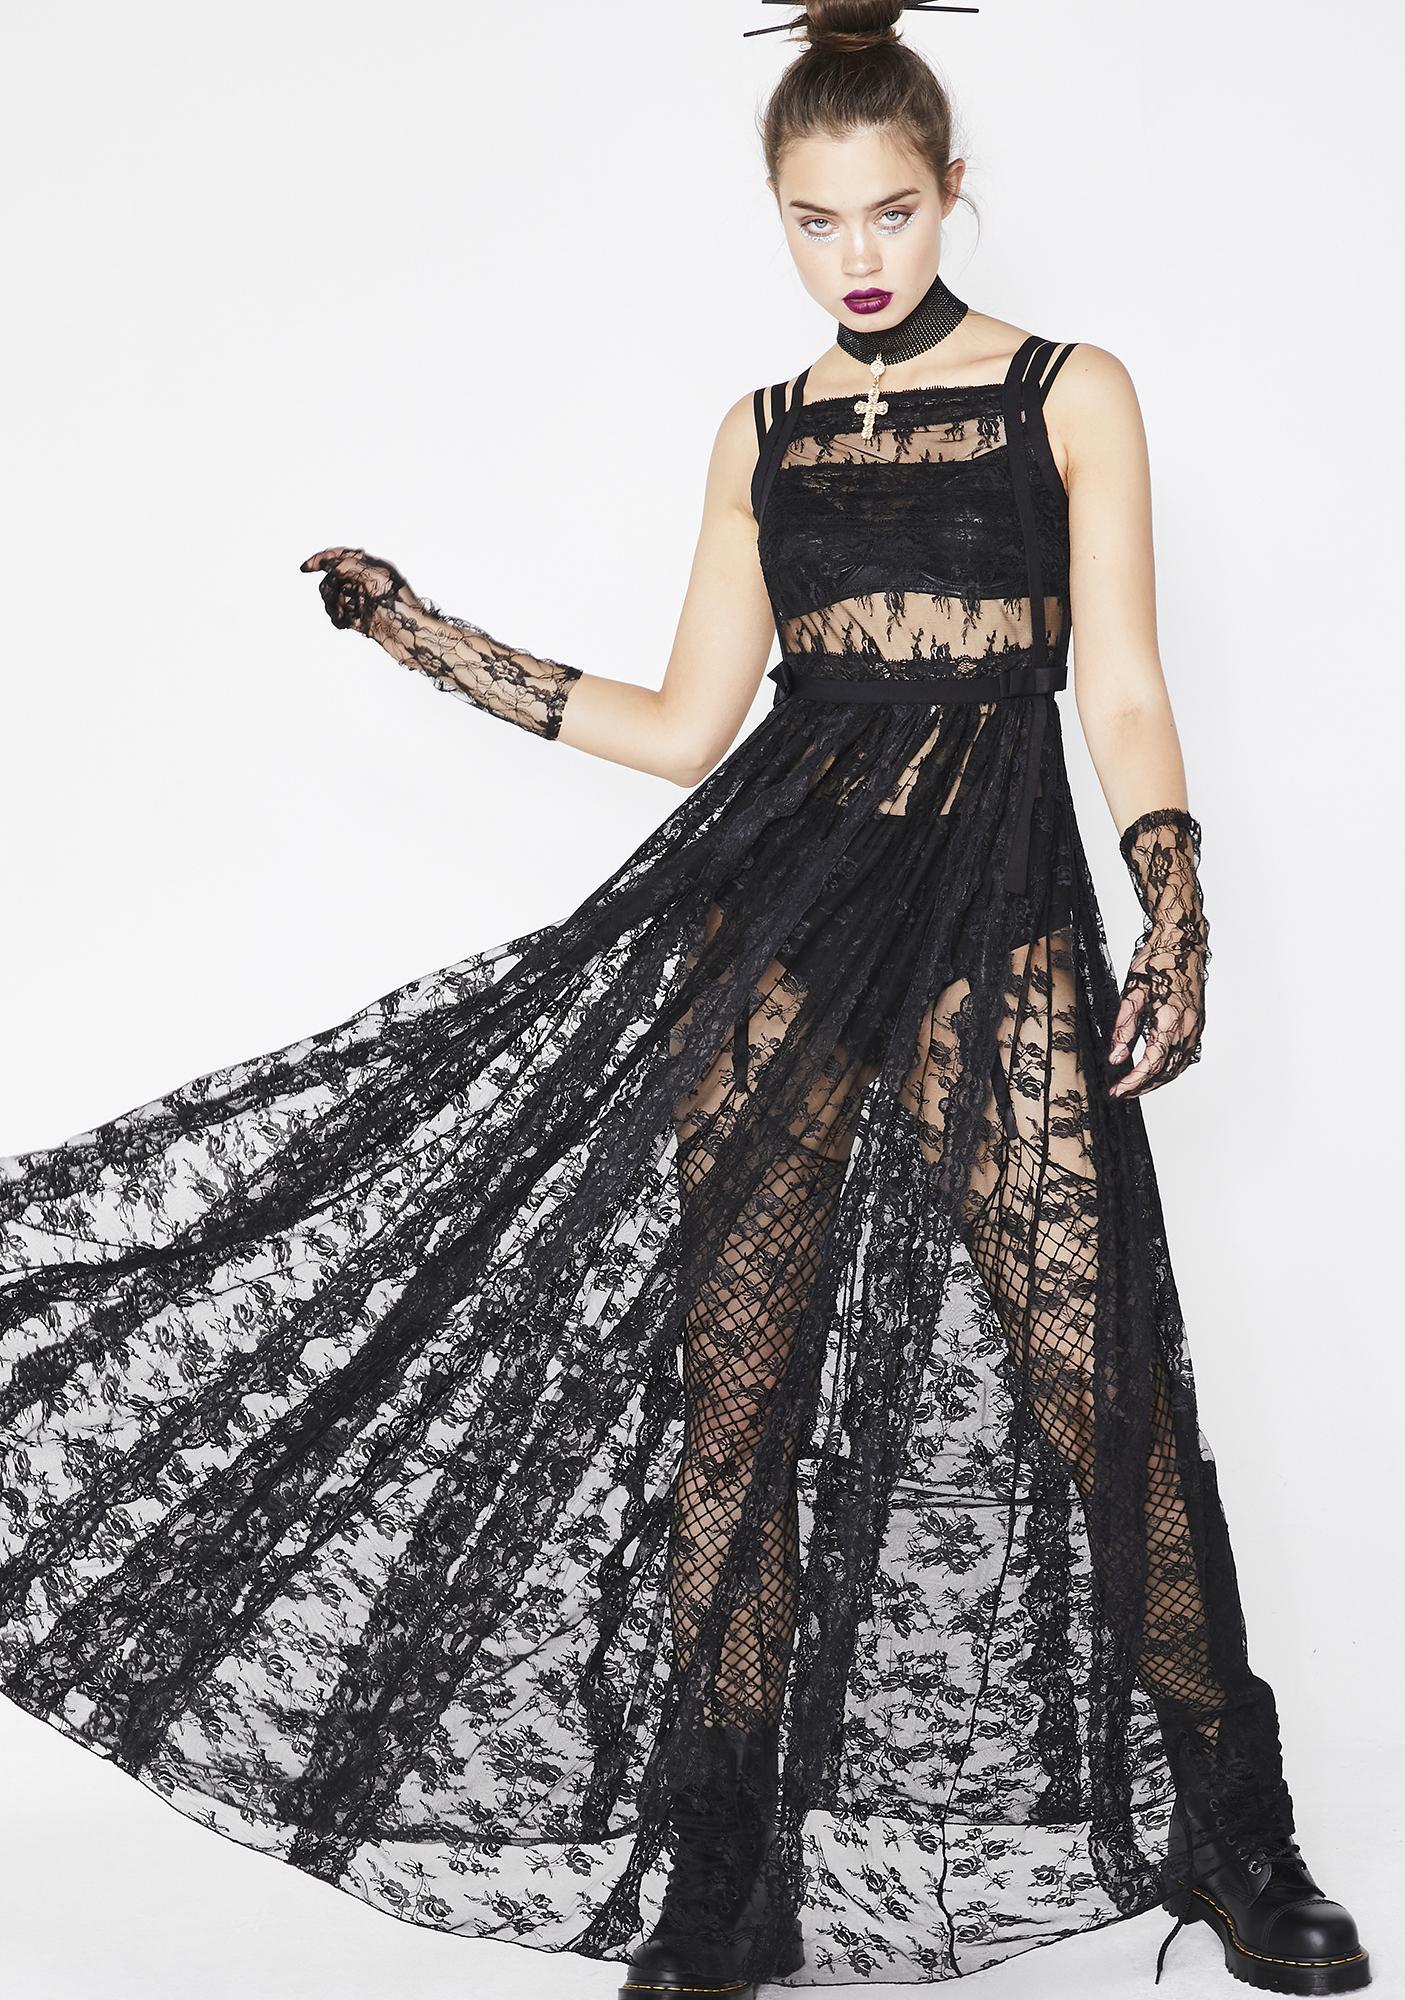 e9e133fe14a Kiki Riki Nocturnal Enchantress Maxi Dress